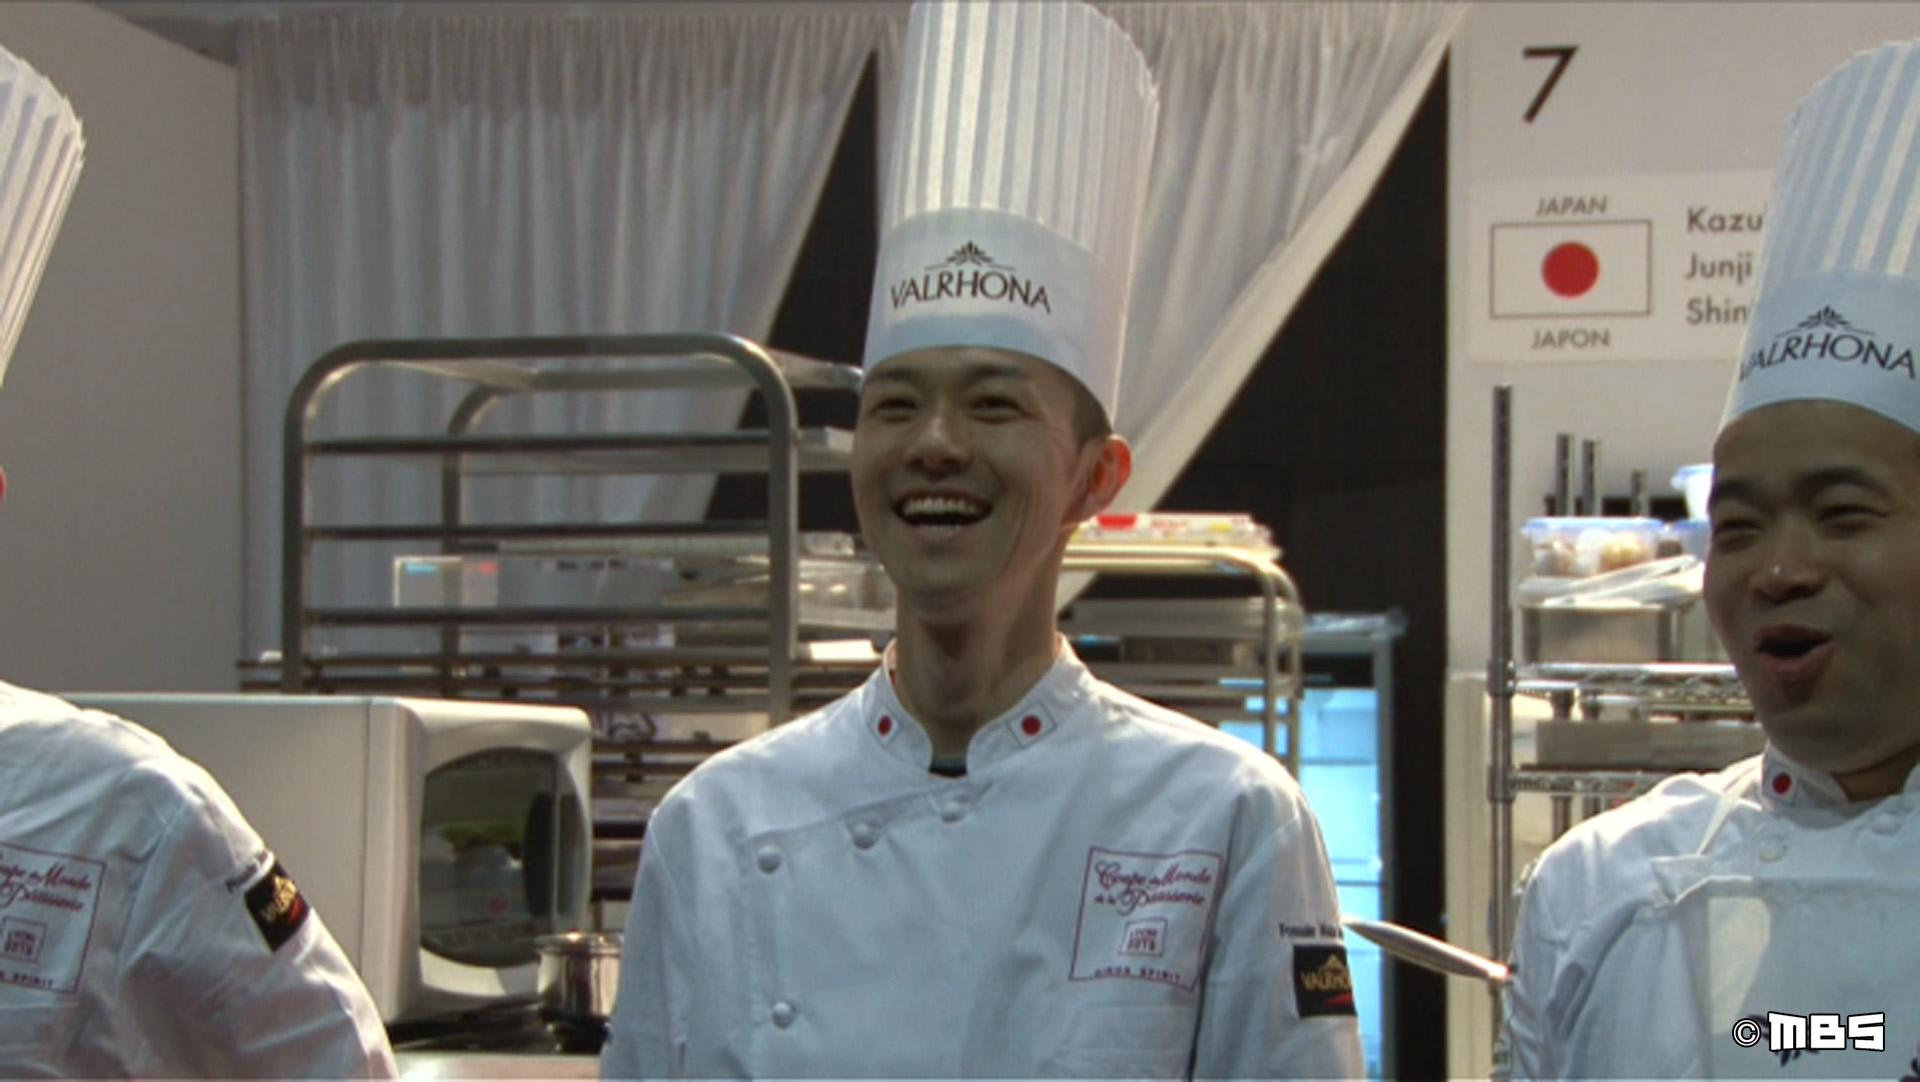 150215情熱大陸_德永純司④Coupe de Mondeに日本代表として出場する德永さんc.jpg